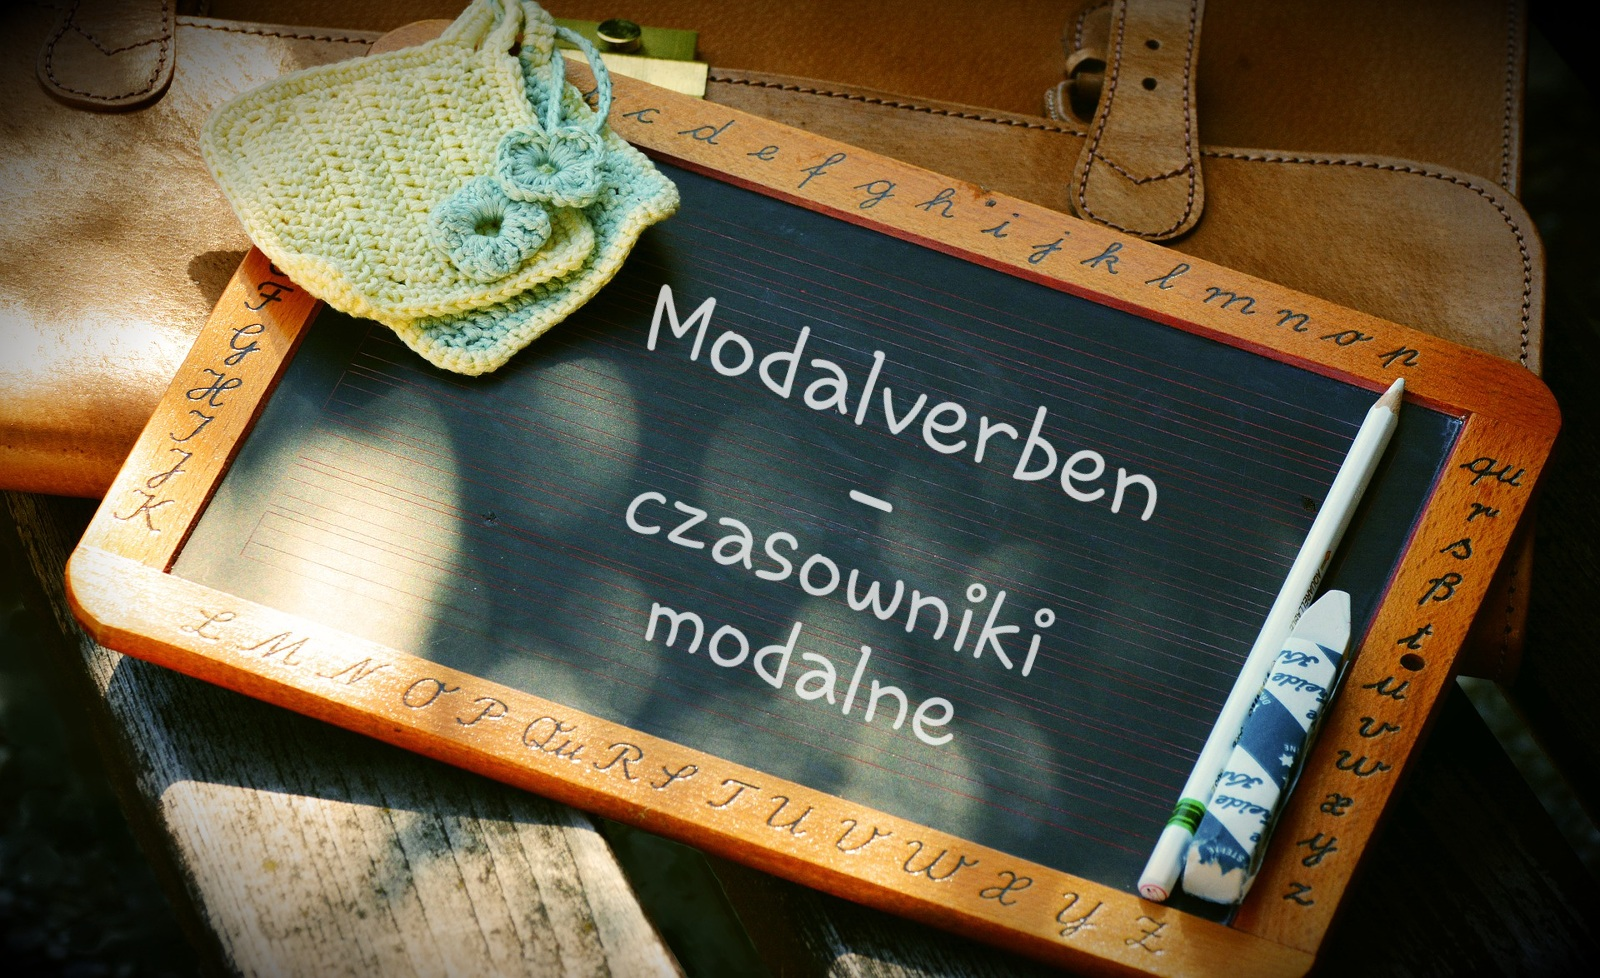 Czasowniki modalne – Modalverben